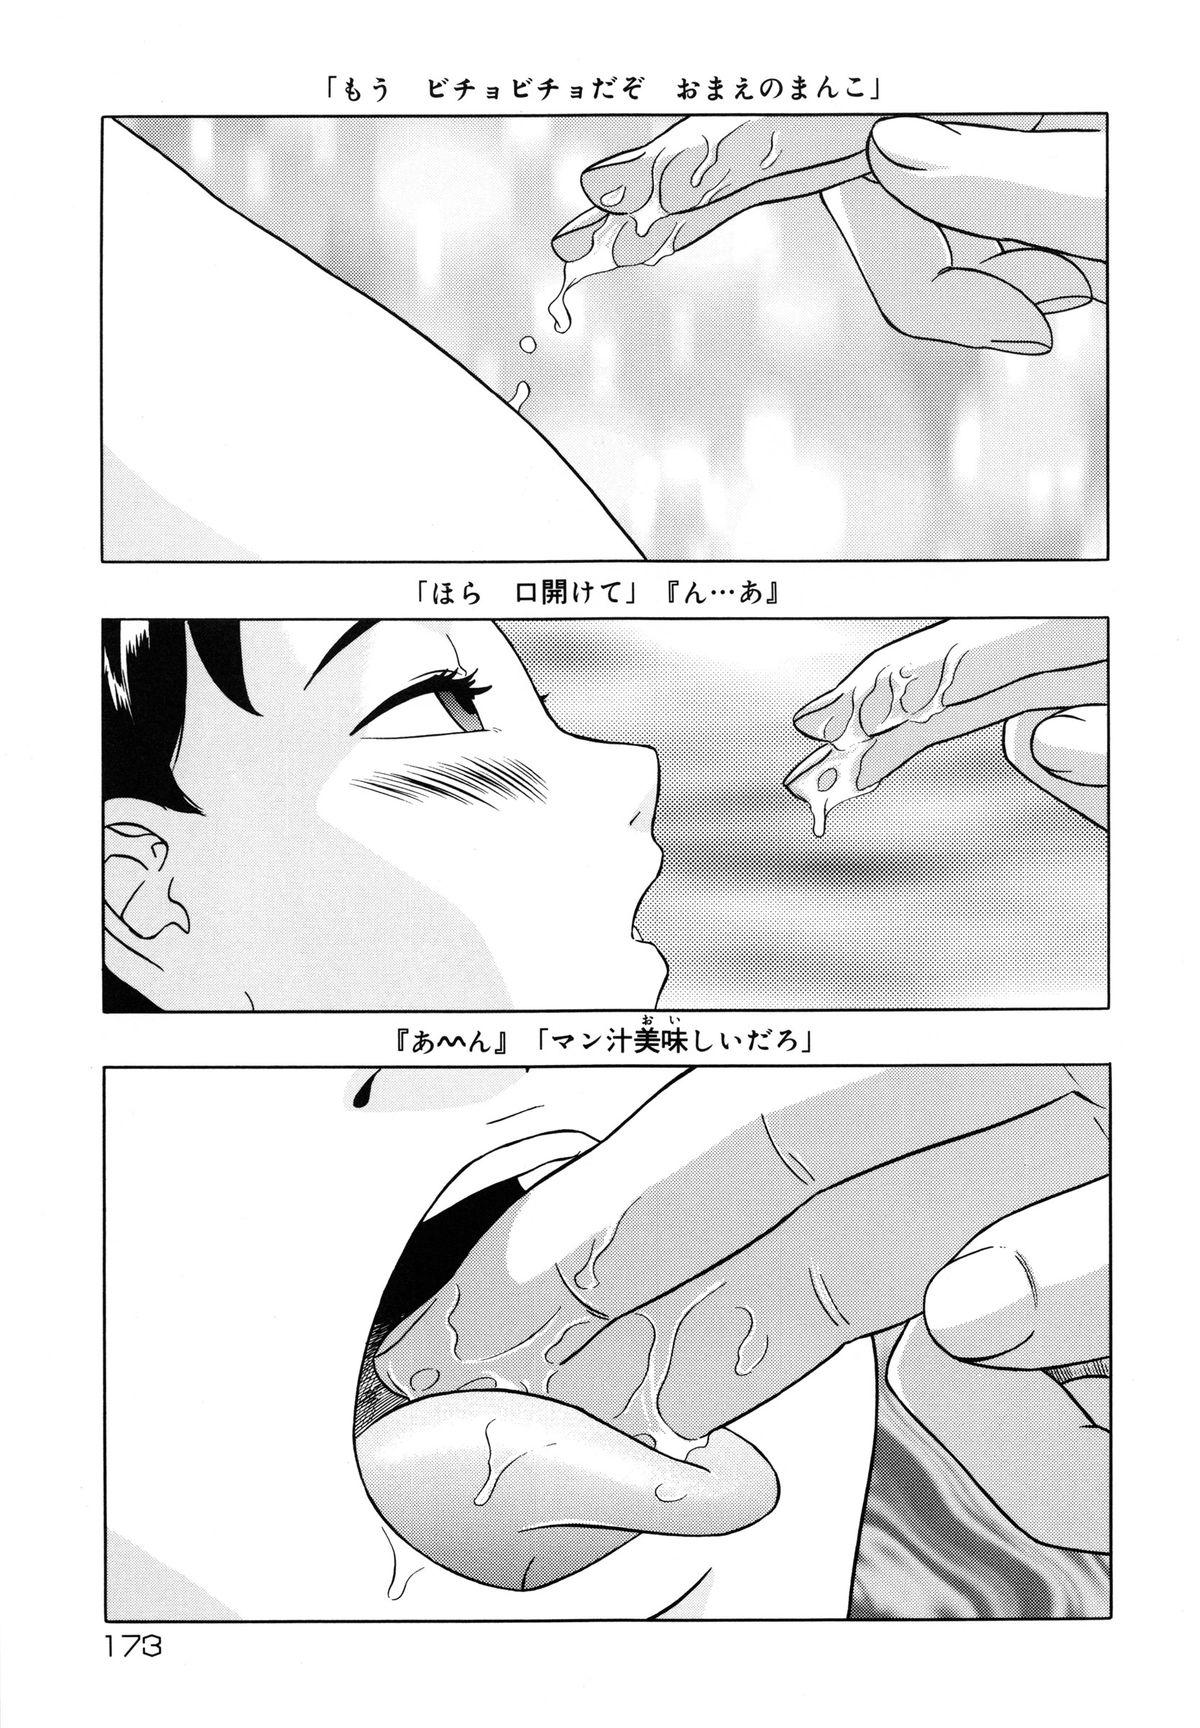 Shoukoujo 3 173